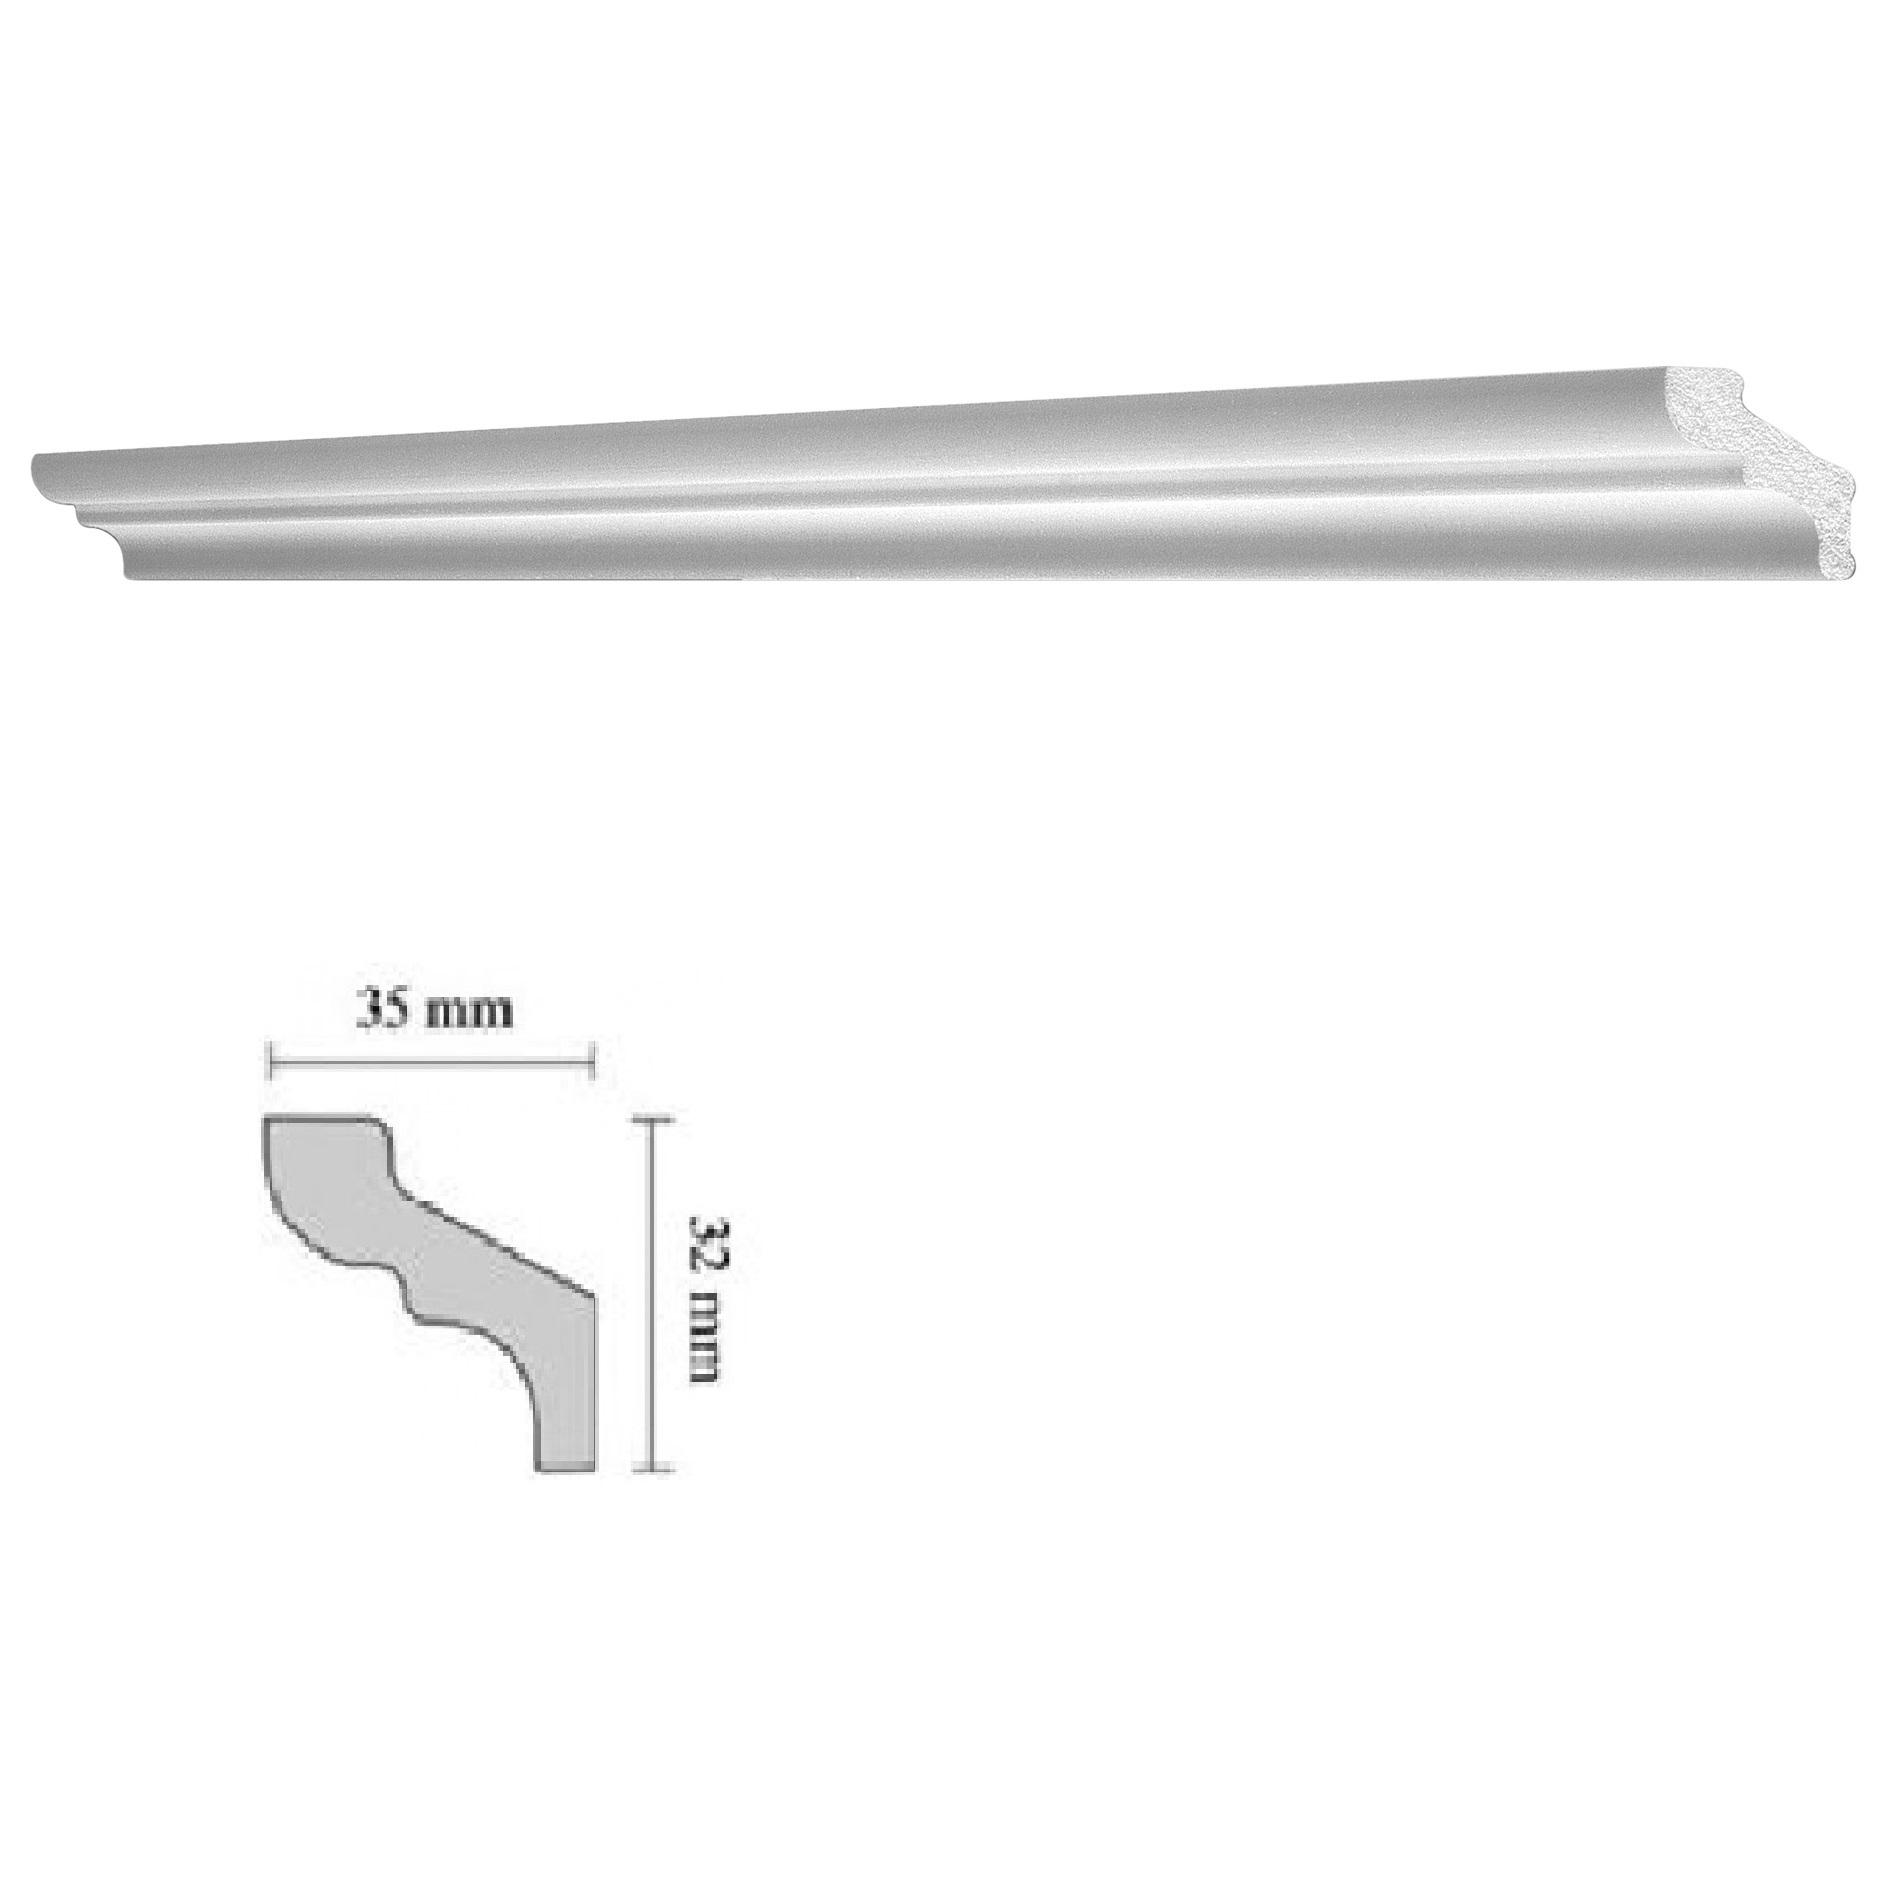 Baghete decorative Decosa- F35 (35x32mm)x120buc cod 13041 davopro 2021